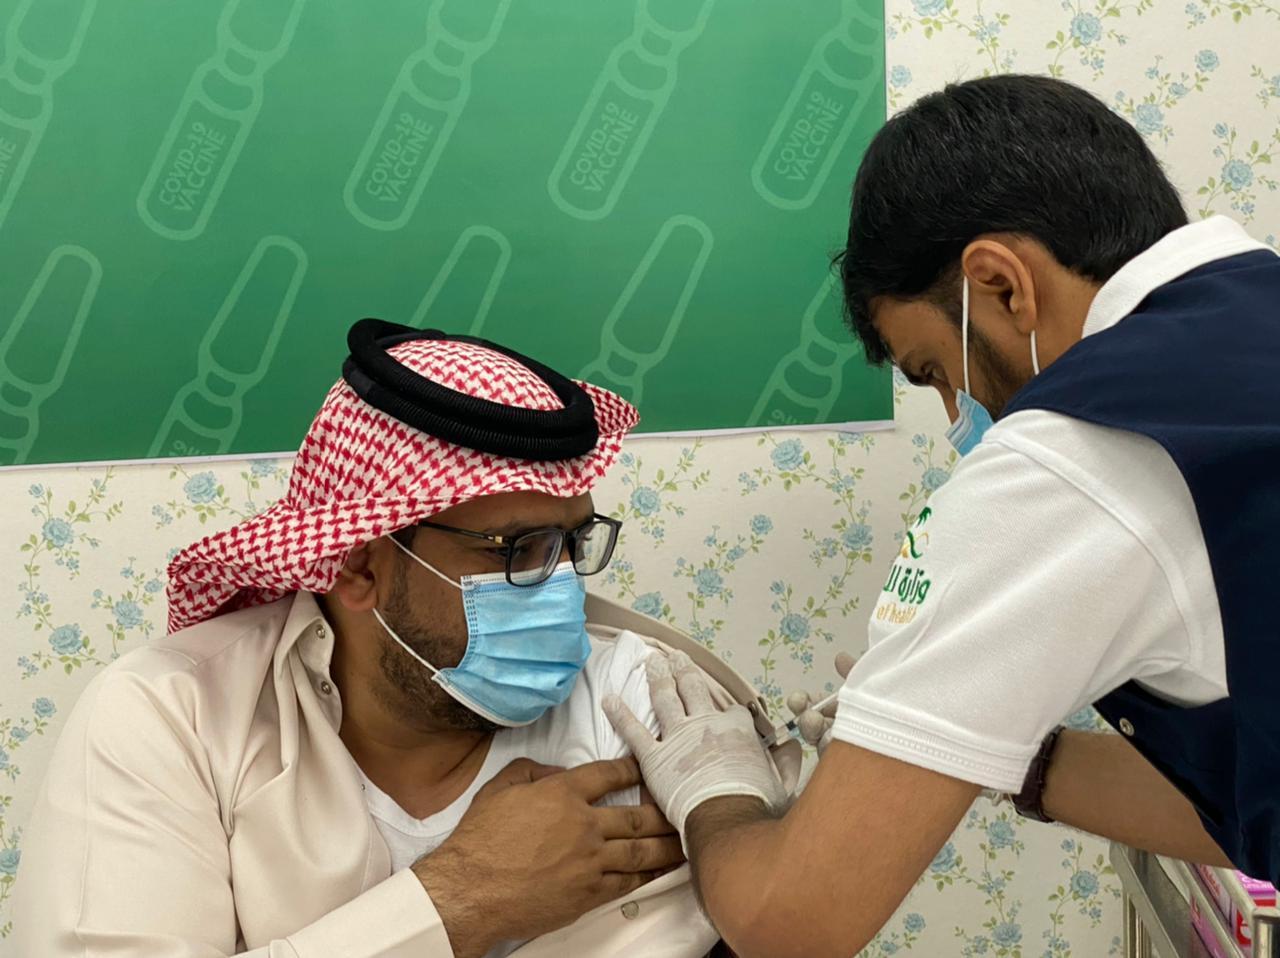 محافظ العيدابي يُدشن حملة تطعيم لقاح كورونا بالمحافظة